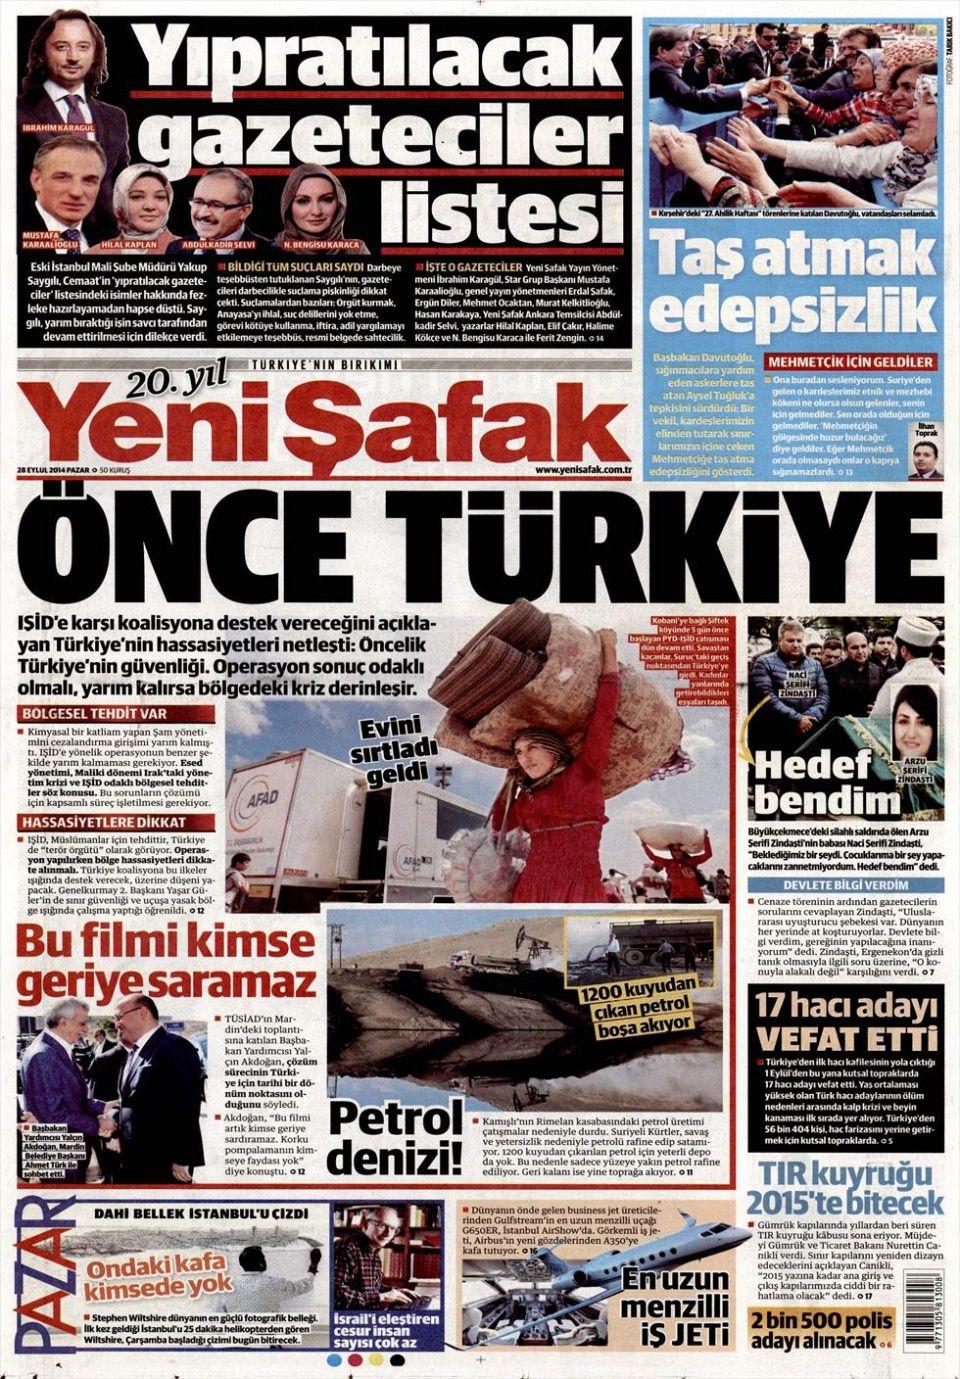 29 Eylül 2014 gazete manşetleri 25